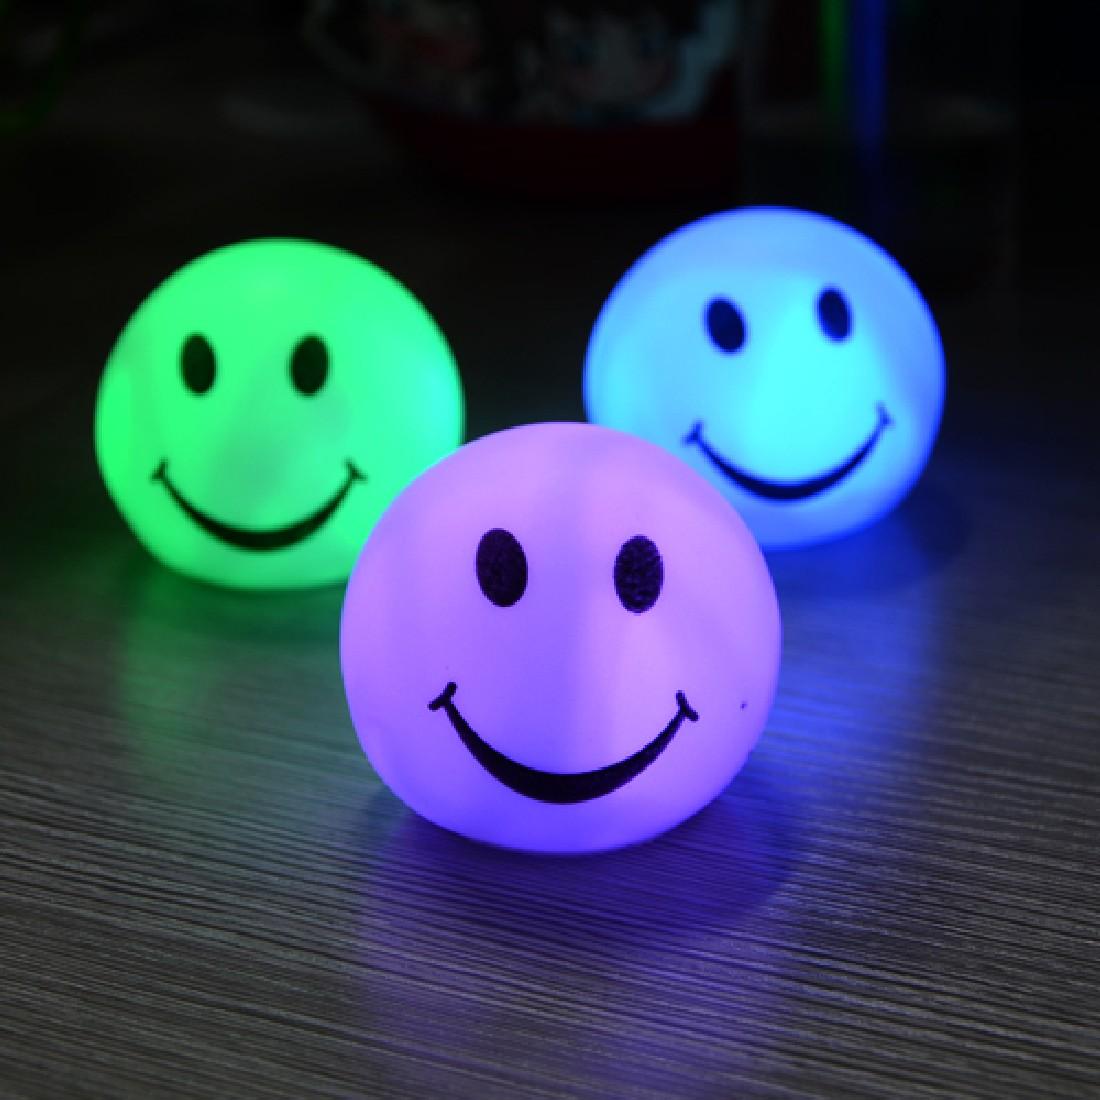 Nuevo colorido LED cara sonriente en forma de luz de la noche lámpara para la fiesta, decoración de dormitorio de regalos de boda, navidad Lámpara de mesa minimalista moderna nórdica para sala de estar bola de cristal blanco luz de mesa trípode de hierro bola redonda lechosa lámpara de escritorio lectura